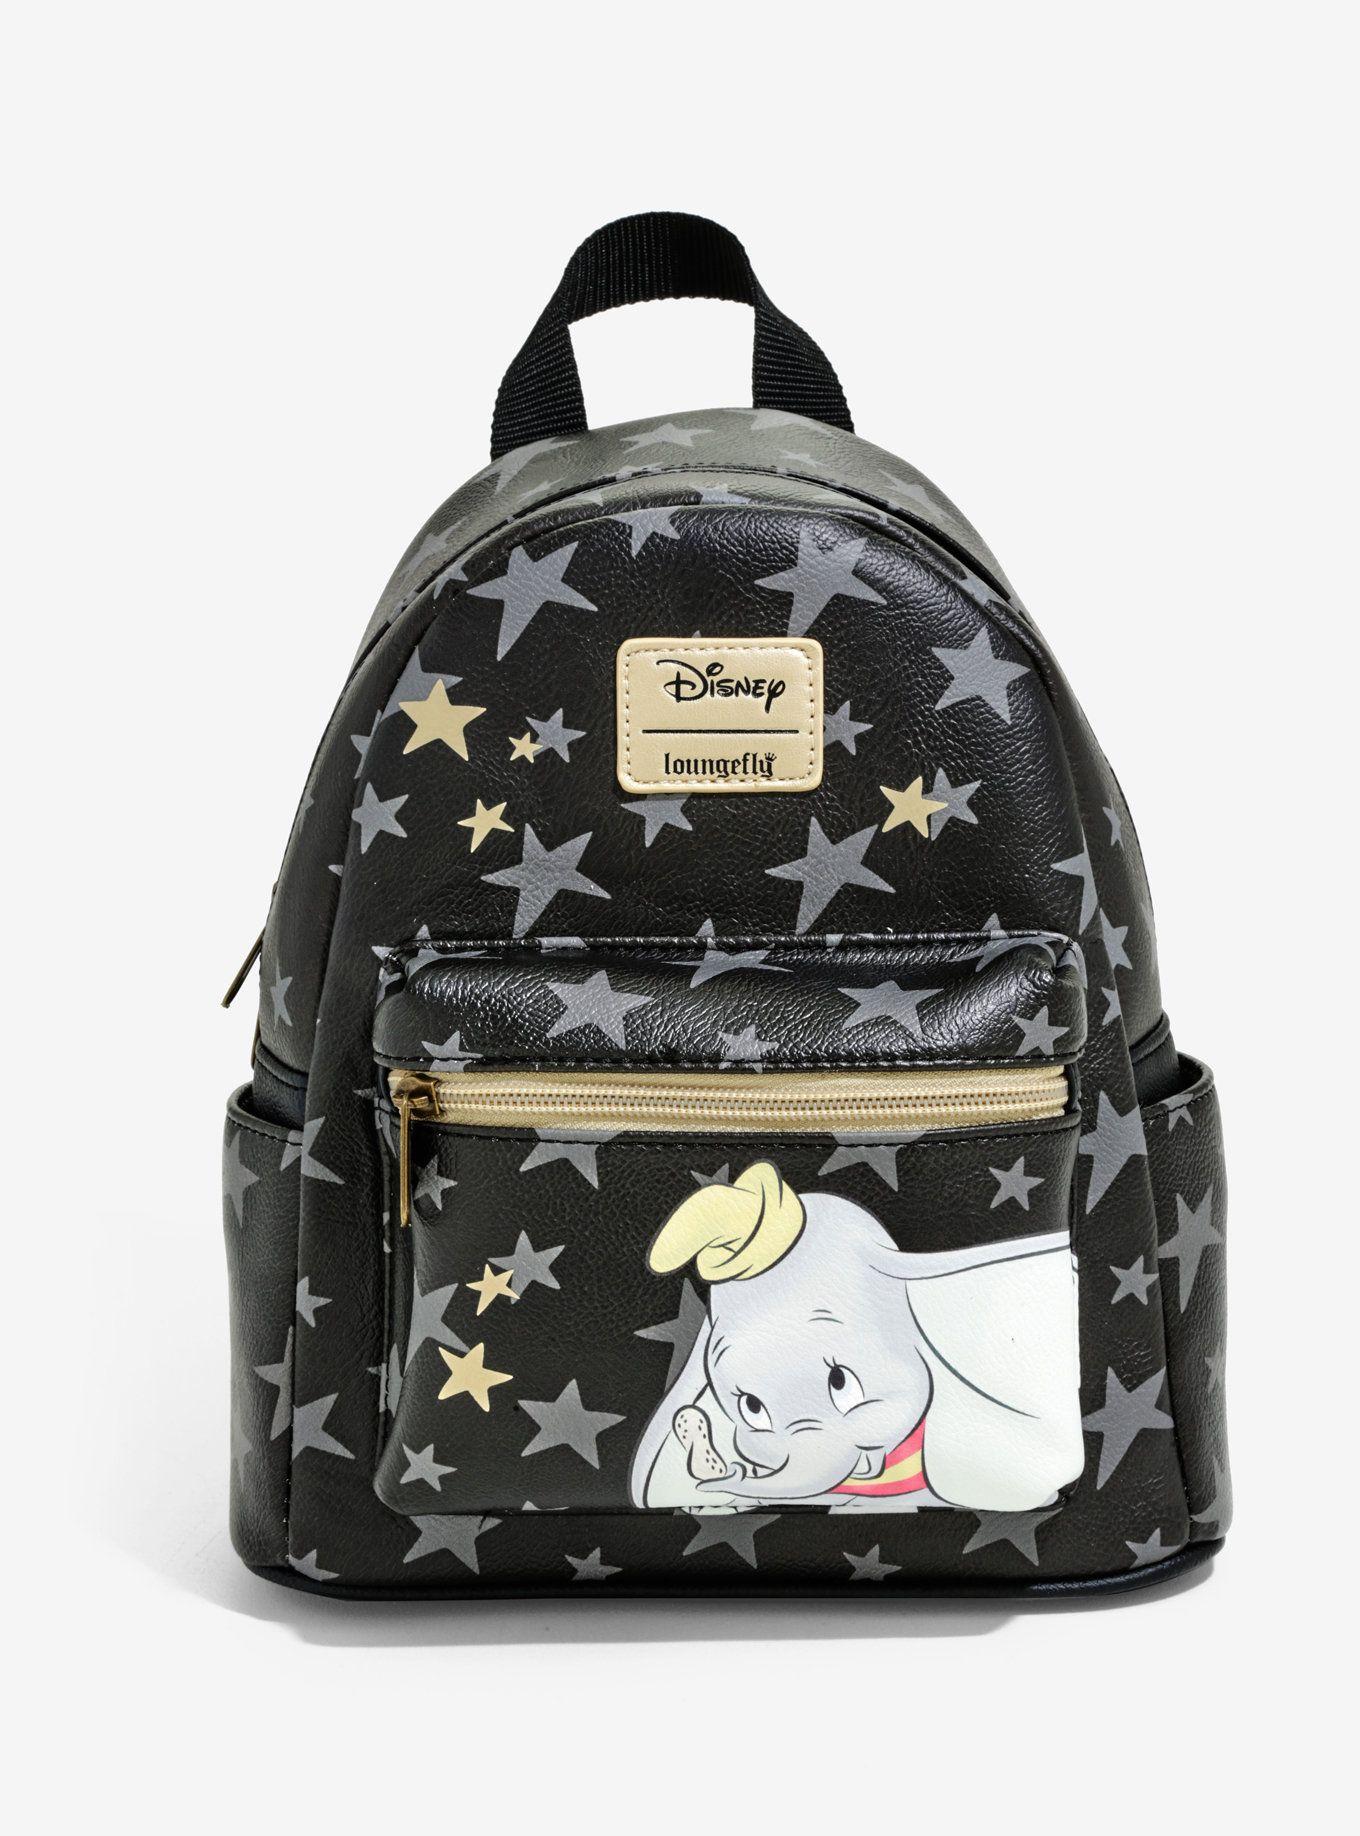 Loungefly Disney Dumbo Star Mini Backpack Mini Backpack Disney Backpacks Disney Purse